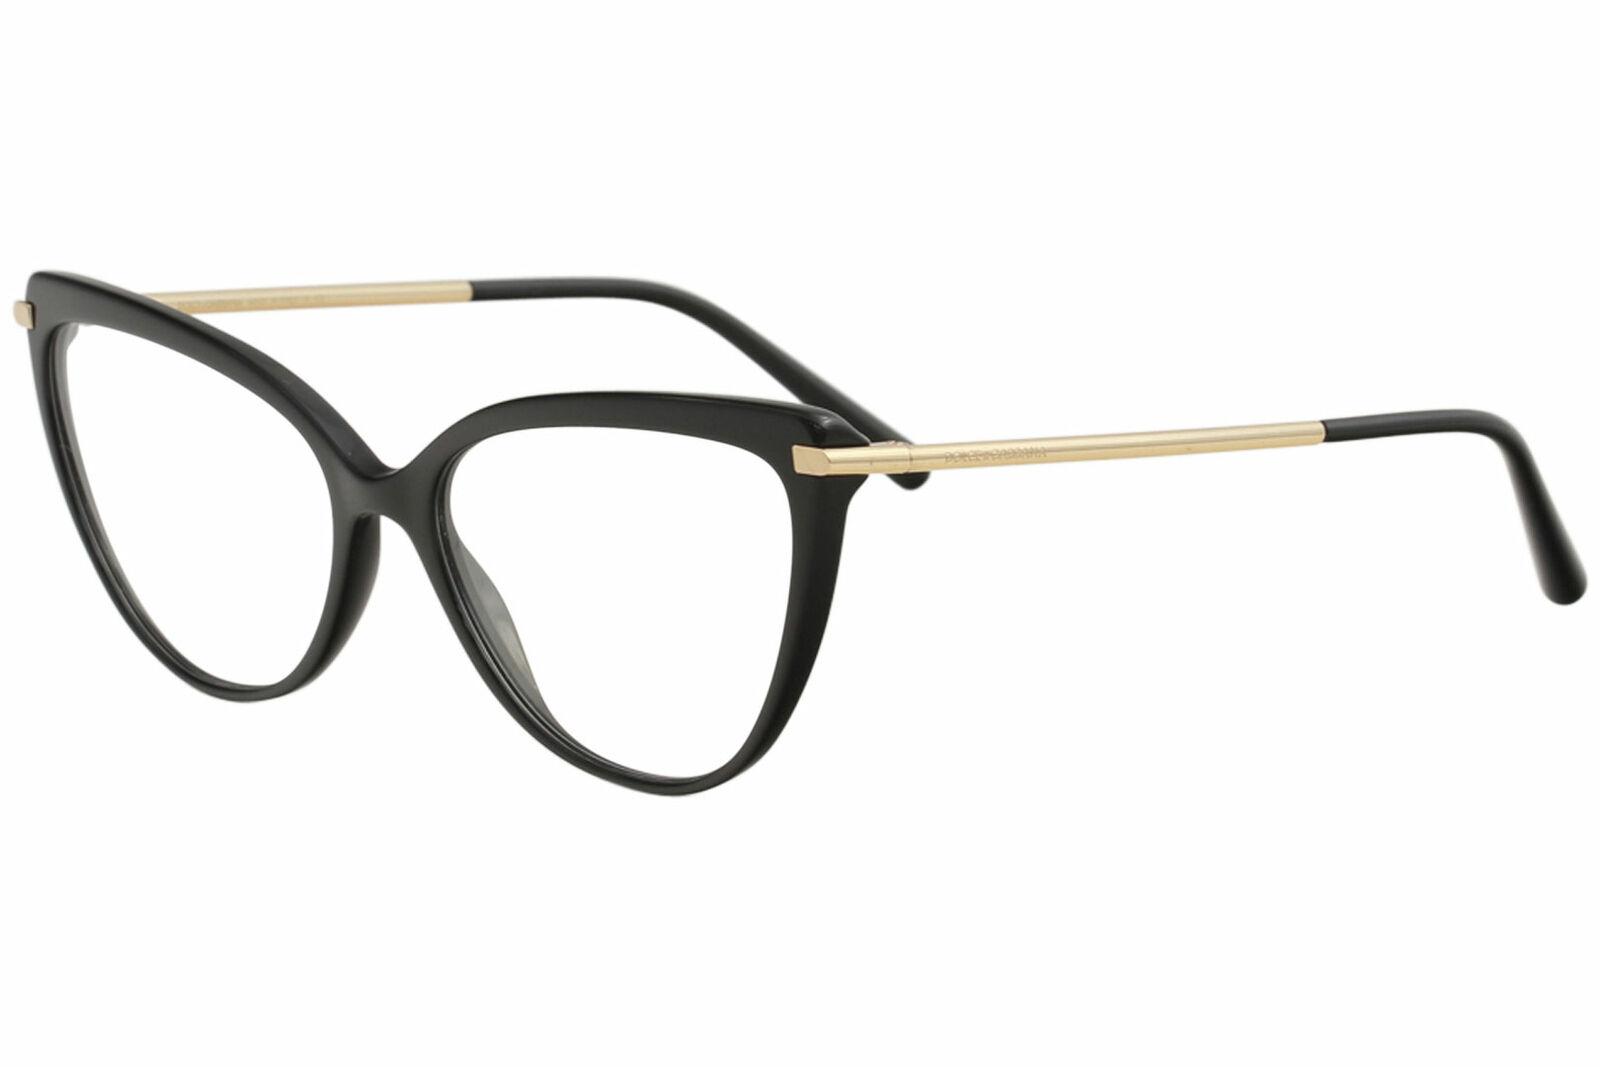 Dolce  Gabbana Eyeglasses DG DG3295 DG3295 501 BlackGold Optical Frame 55mm